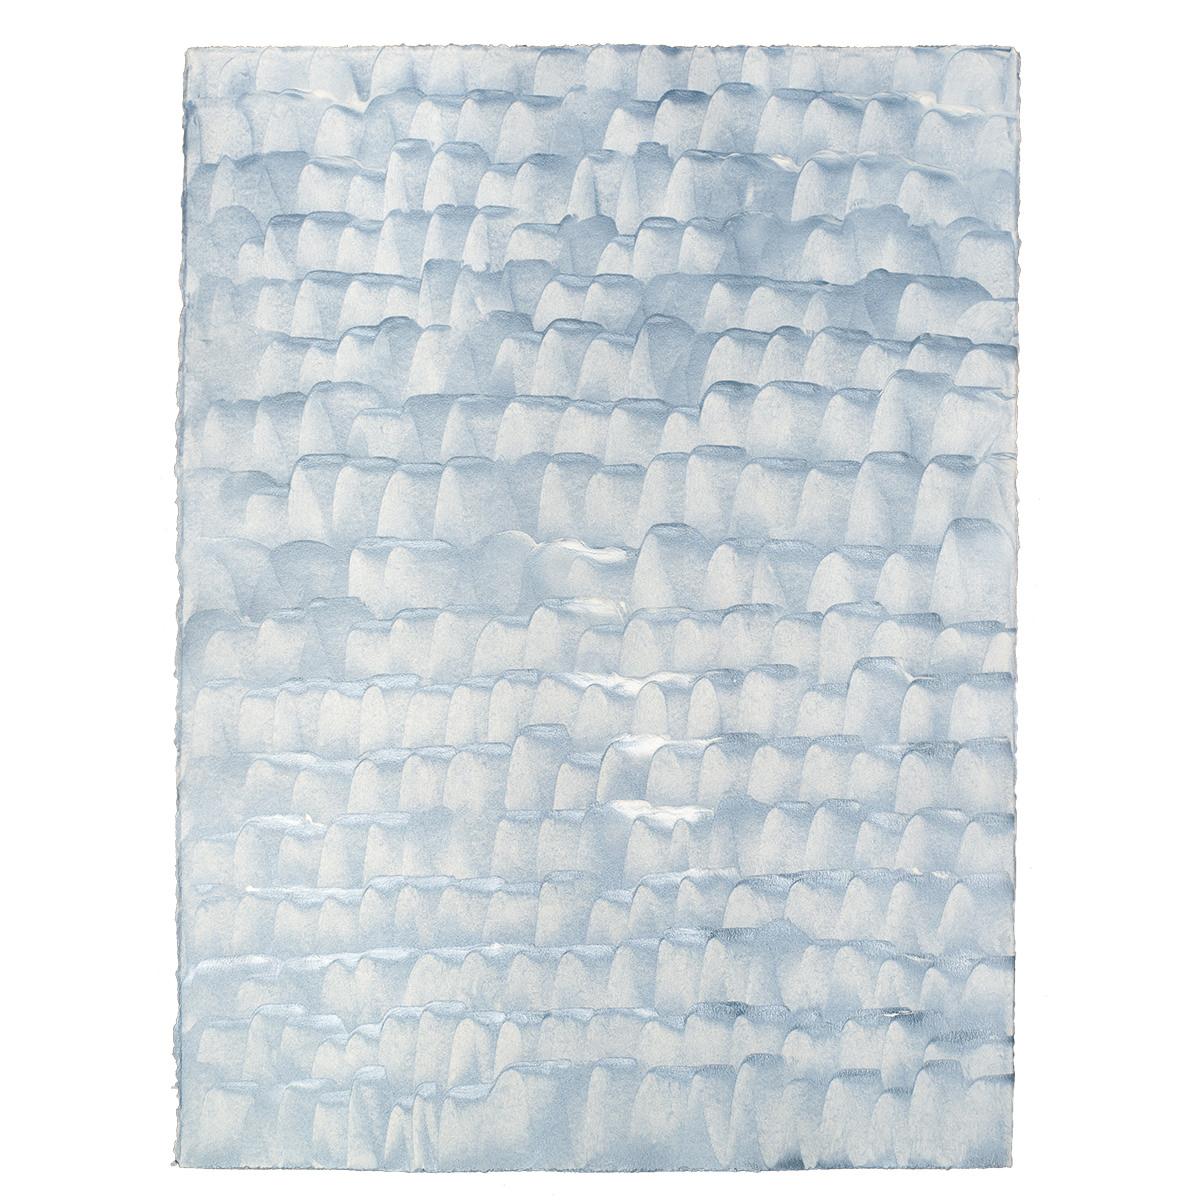 Cirro - Mist - Hand-painted sheet wallpaper